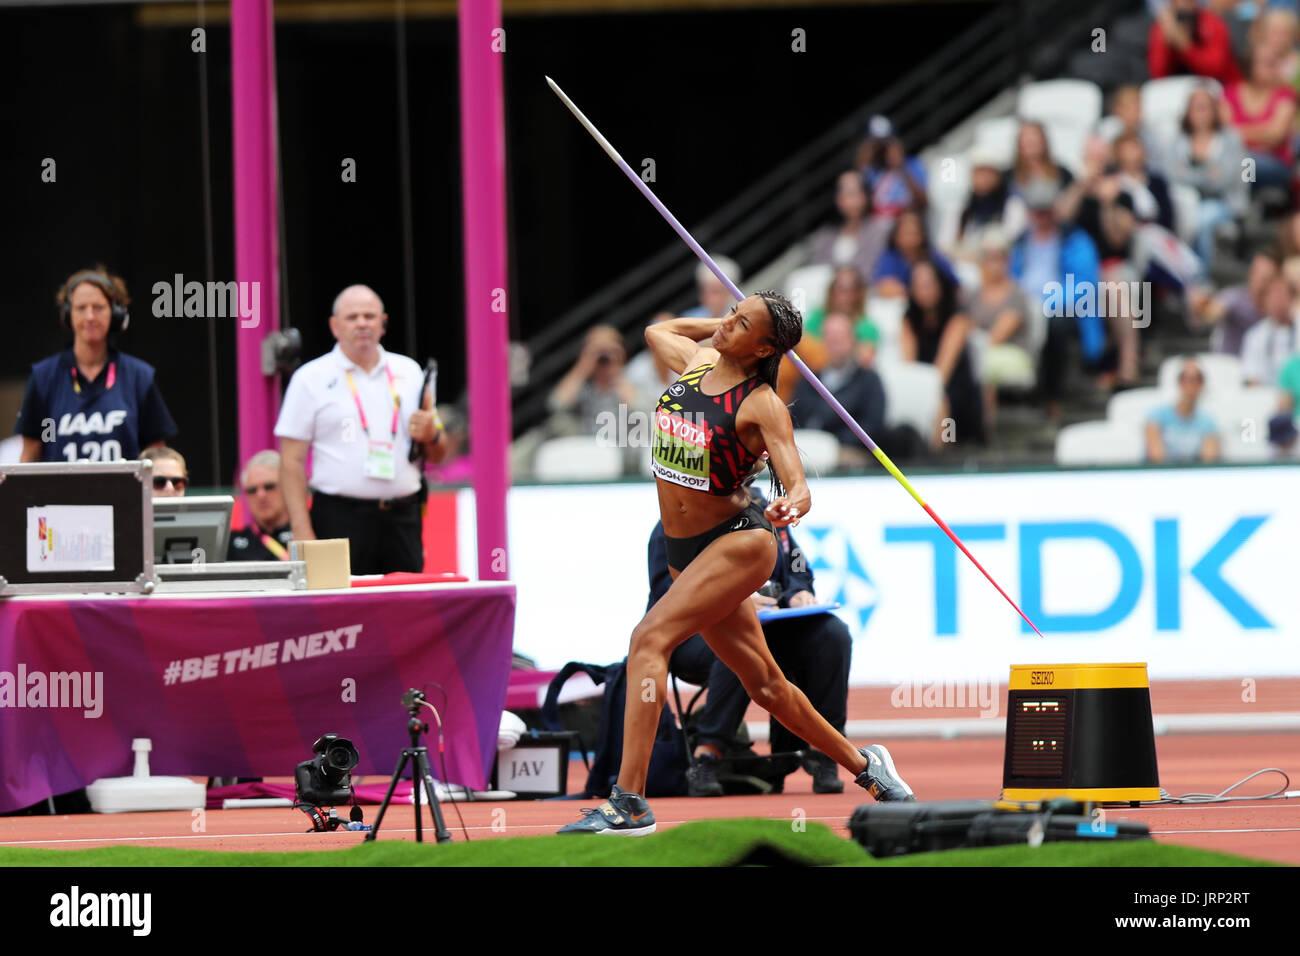 Londres, Reino Unido. 6 de agosto de 2017. Nafissatou THIAM de Bélgica compitiendo en el Heptathlon Javelin throw en el 2017, Campeonatos Mundiales de la IAAF, Queen Elizabeth Olympic Park, Stratford, Londres, Reino Unido. Crédito: Simon Balson/Alamy Live News Foto de stock